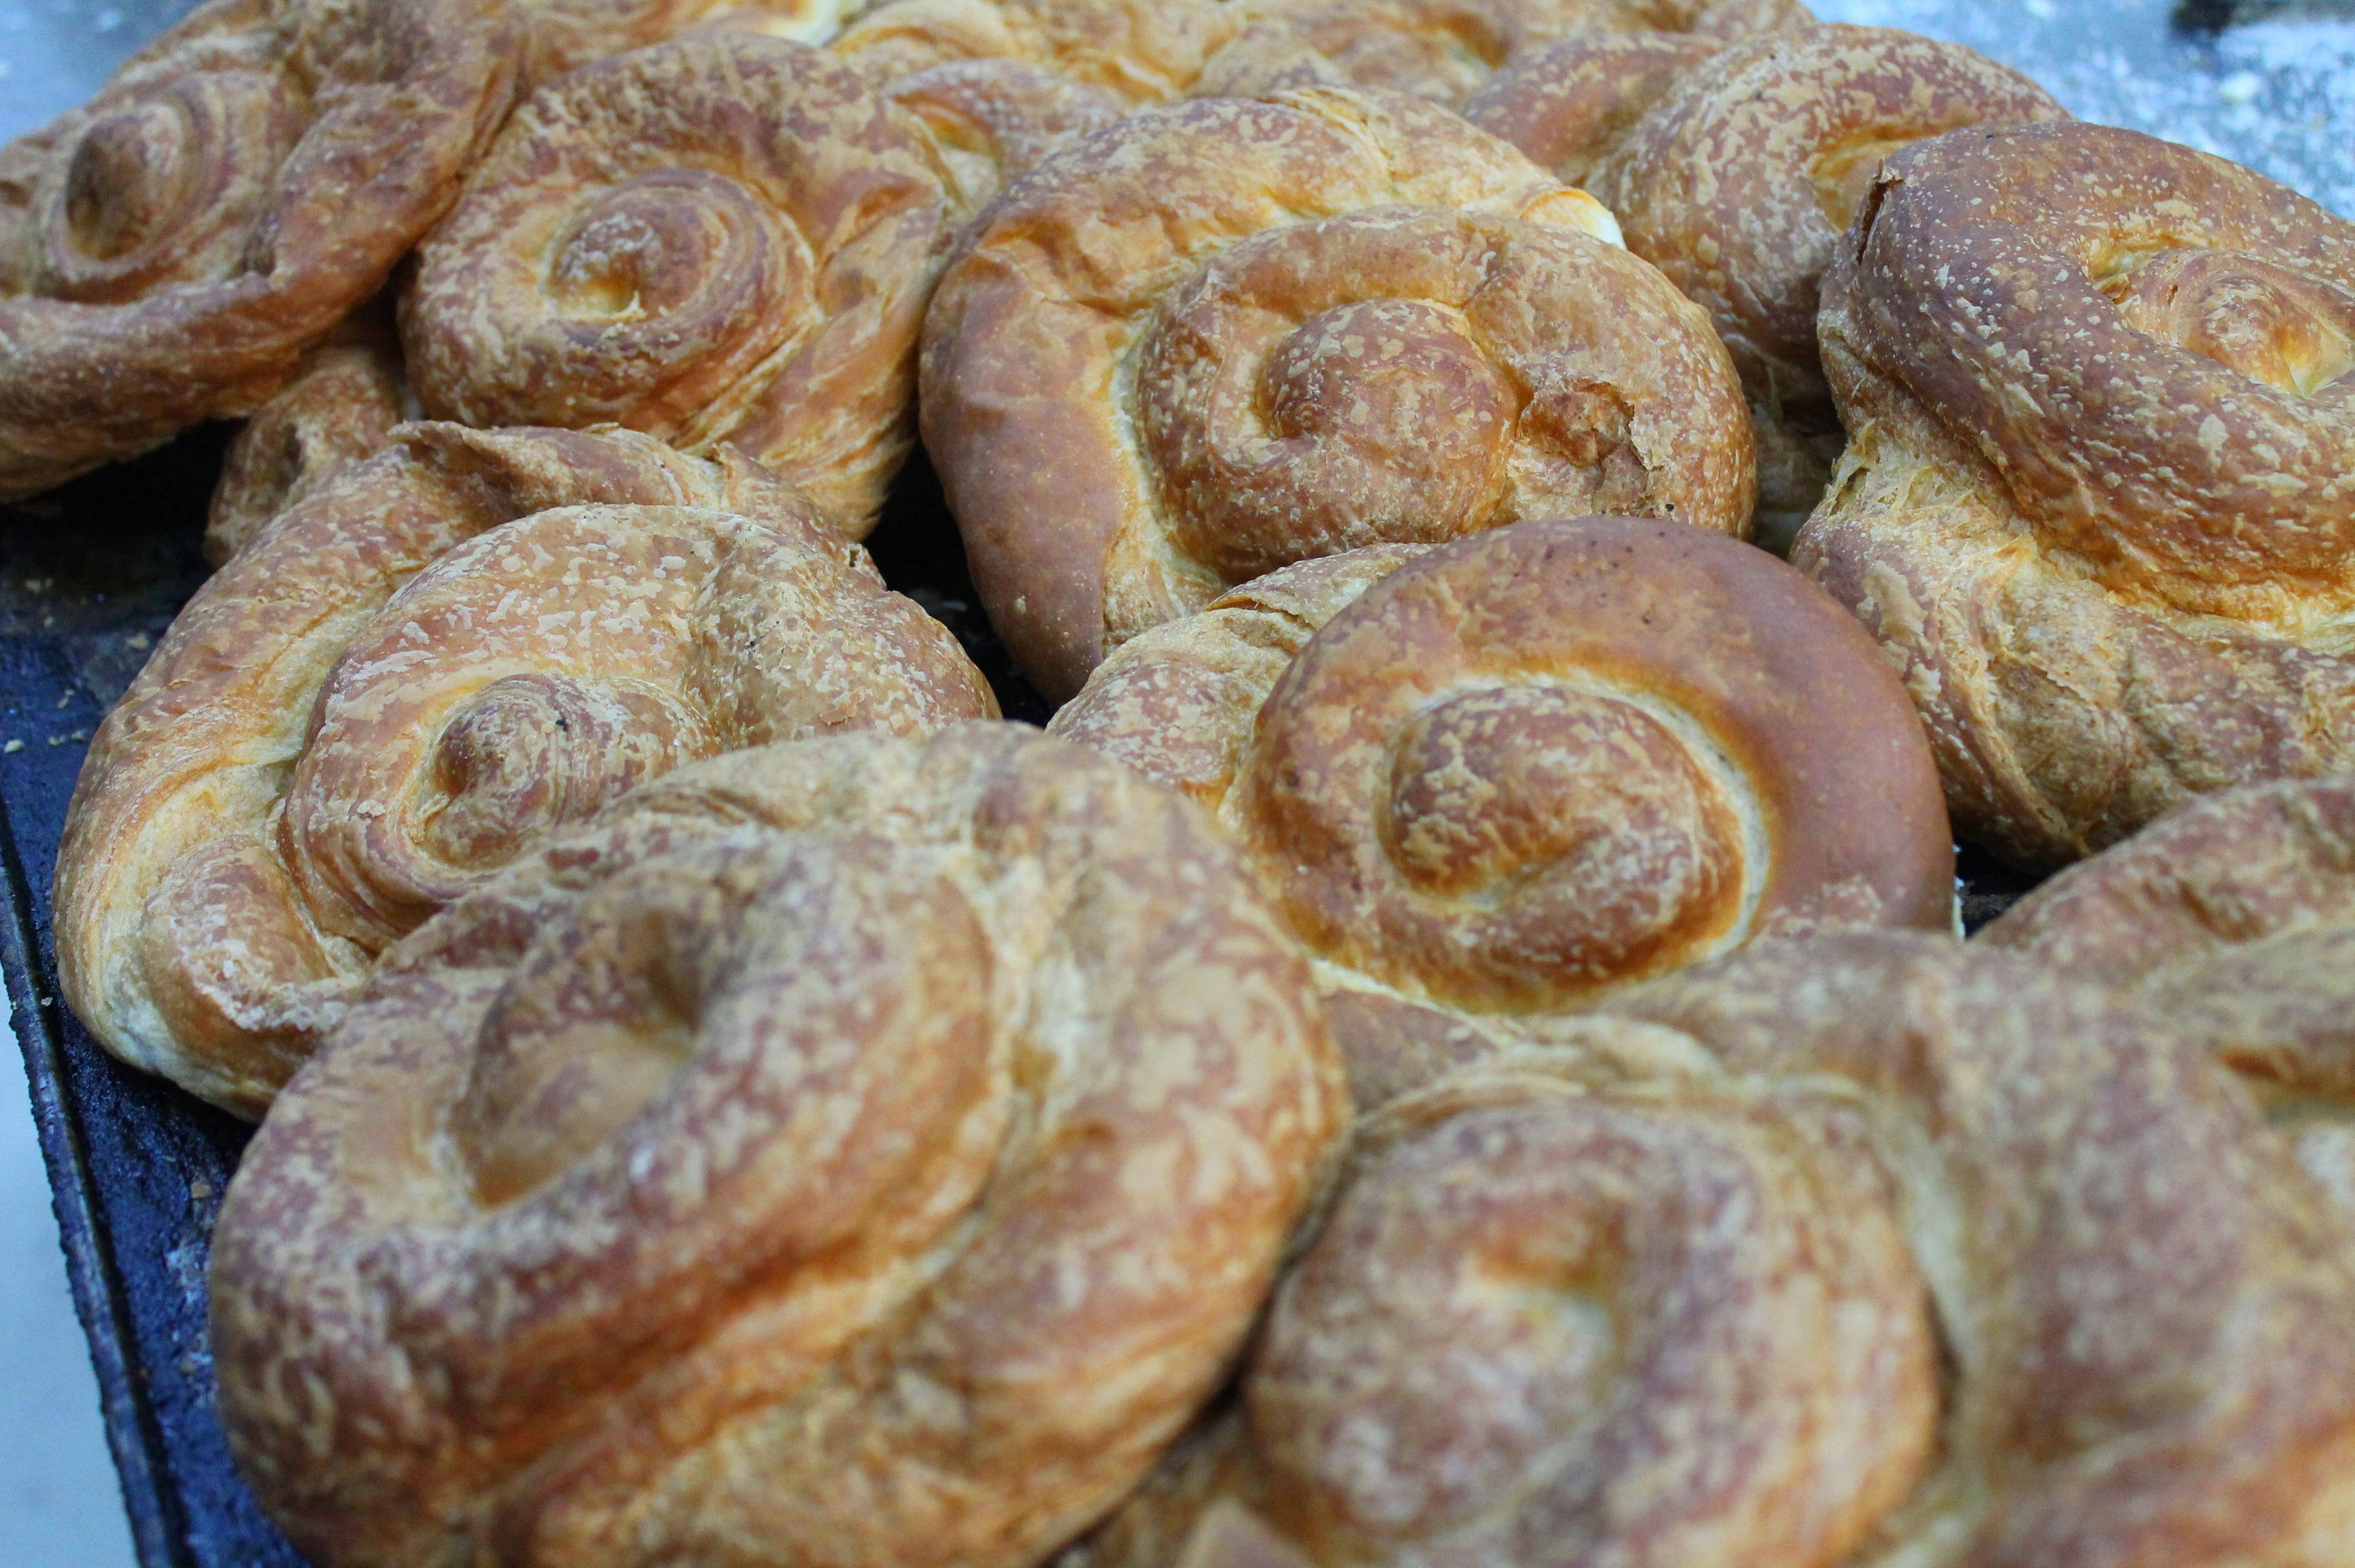 Foto 48 de Obrador artesano con amplia variedad de panes en Jaén | Panaderías y Confiterías Rodríguez